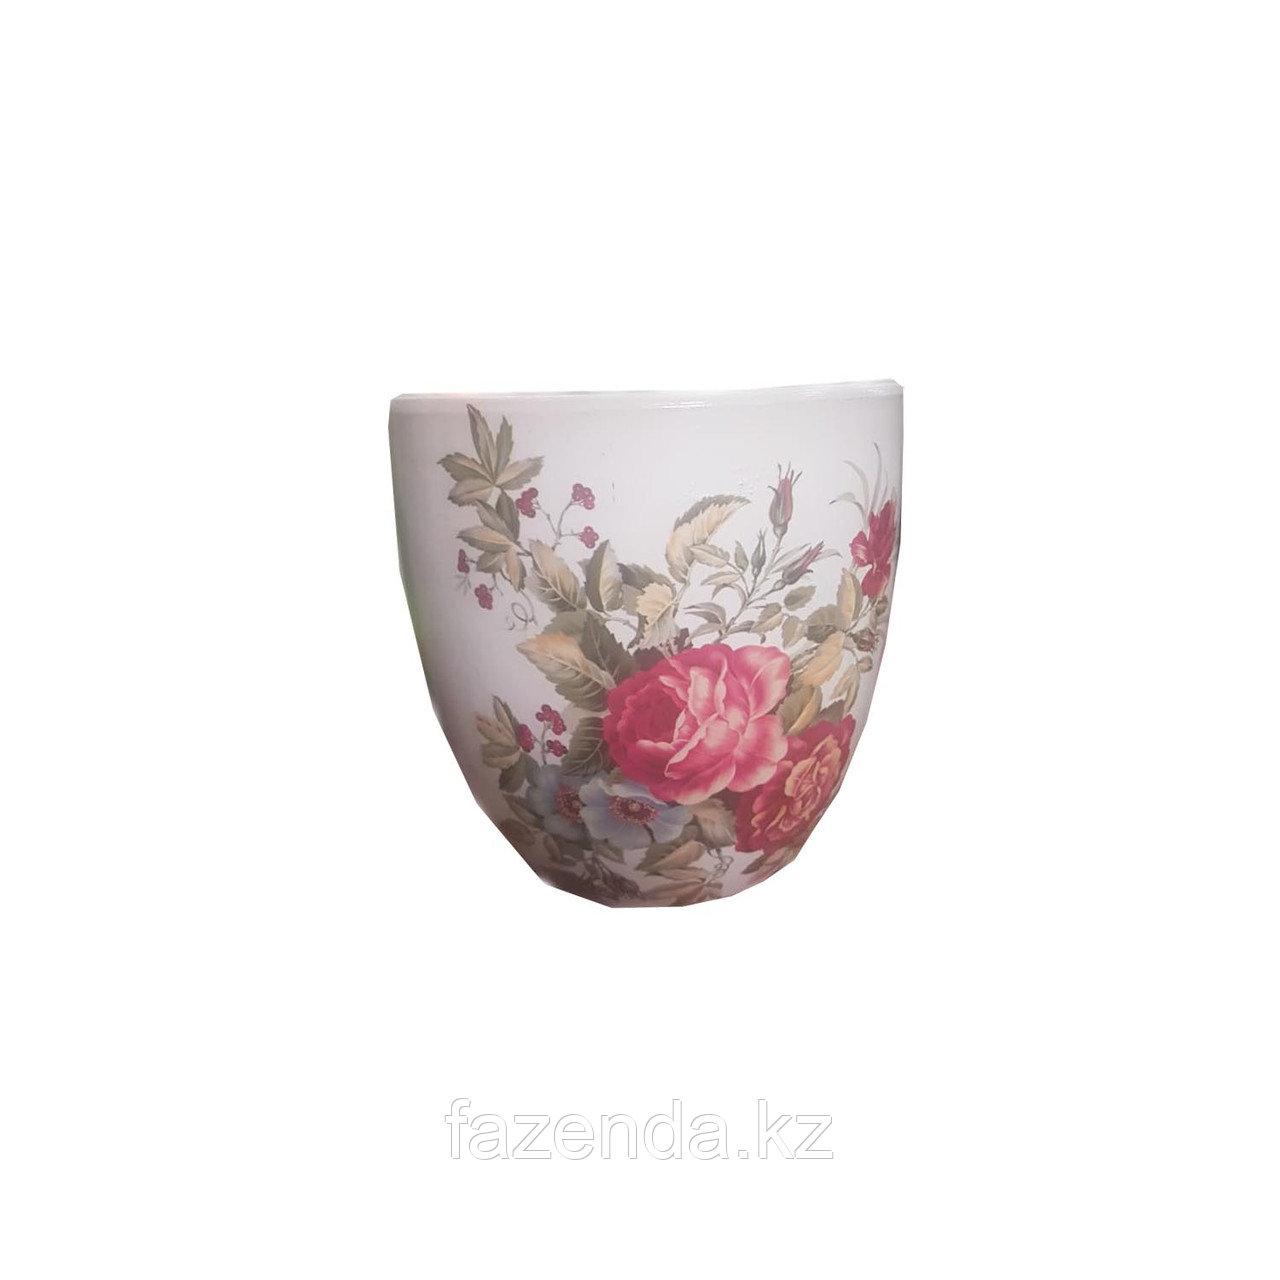 Горшок для цветов керамический Розовый куст